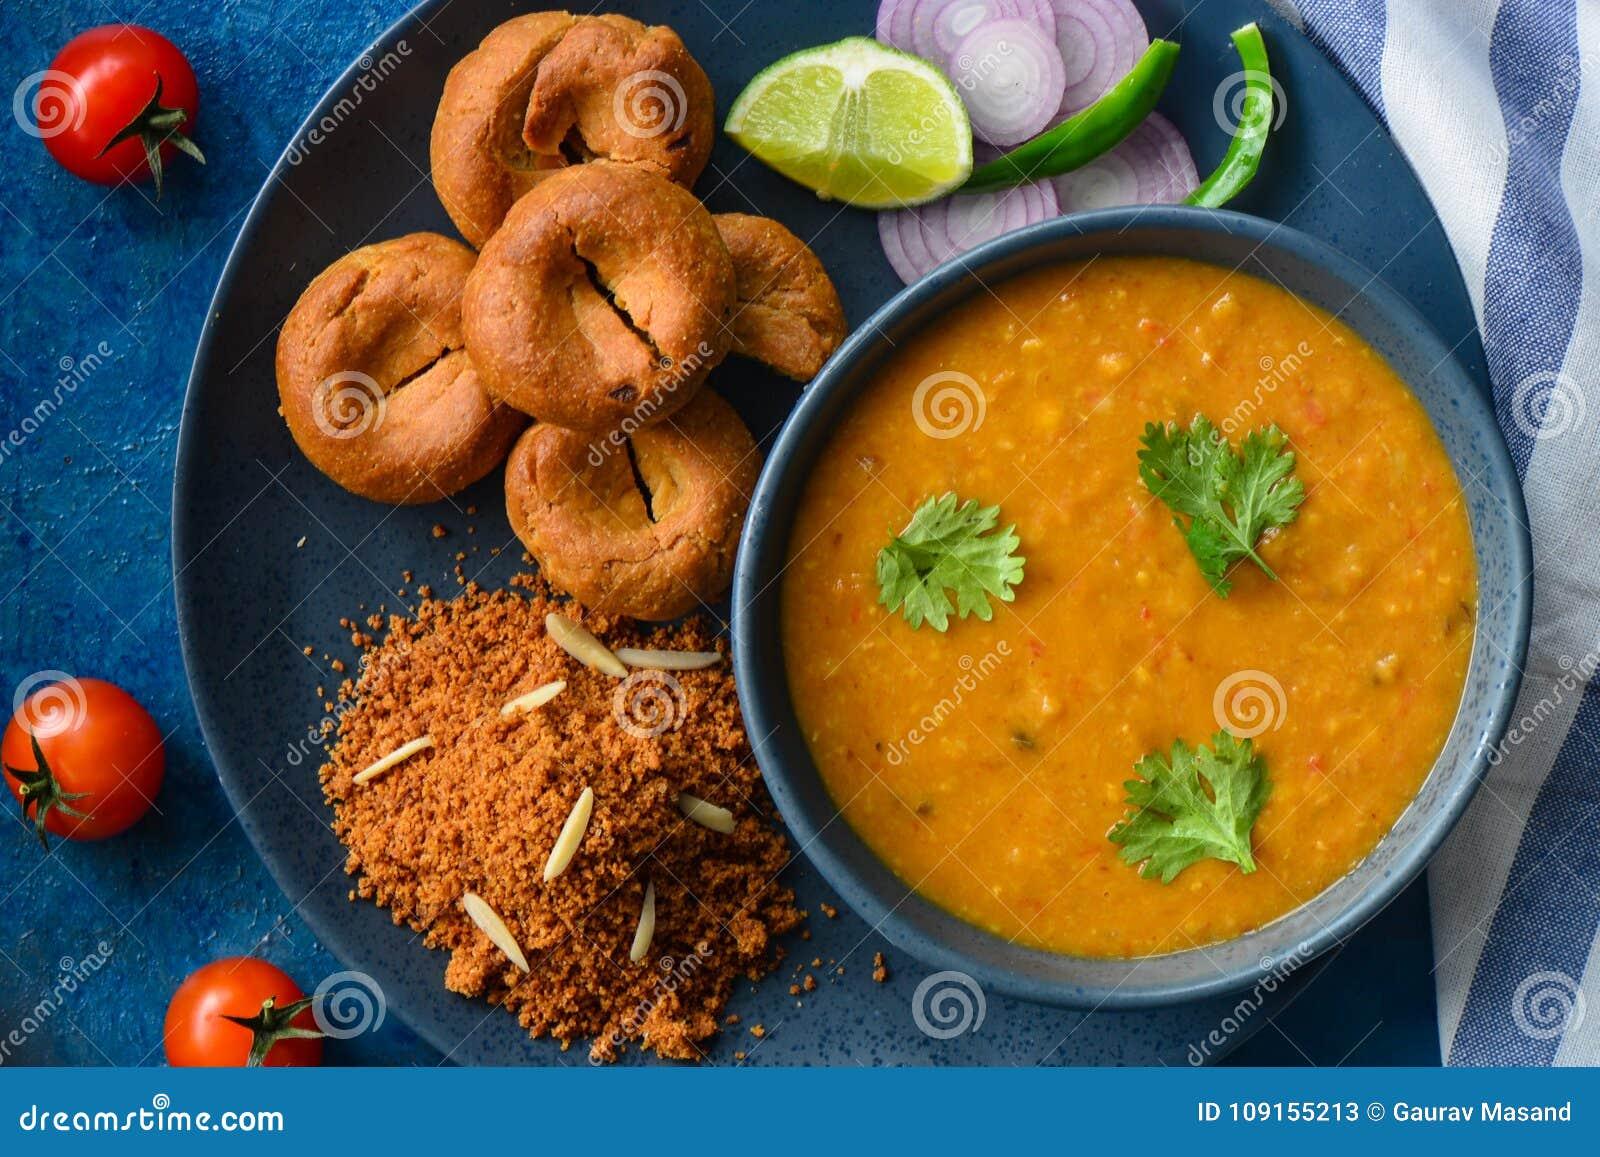 Indian meal-Dal baati churma